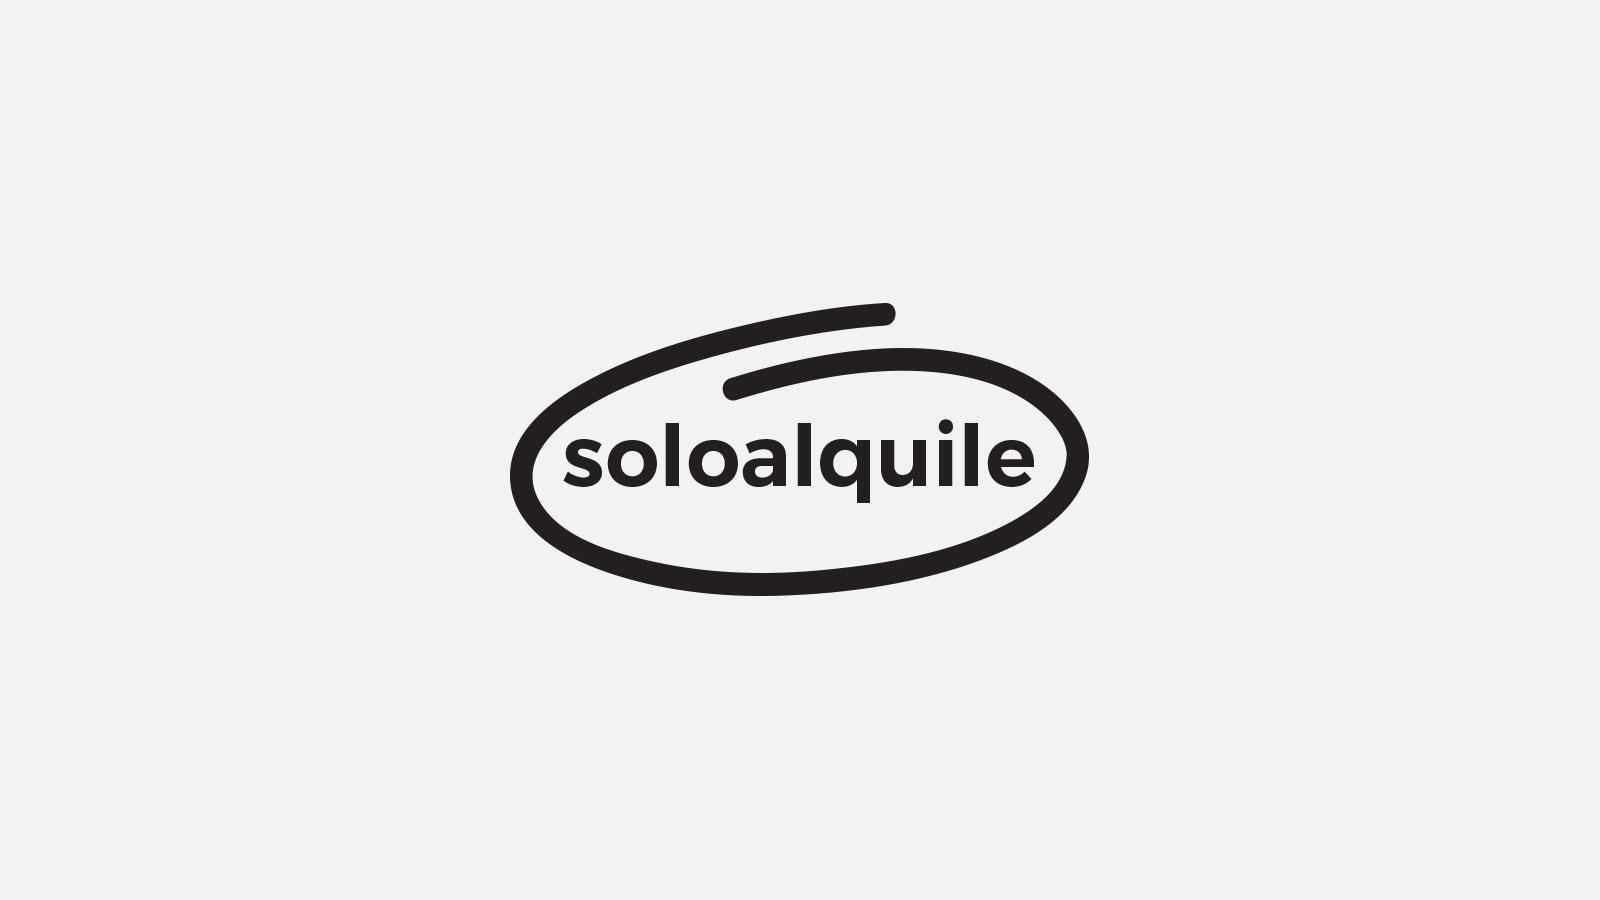 SoloAlquile-0C